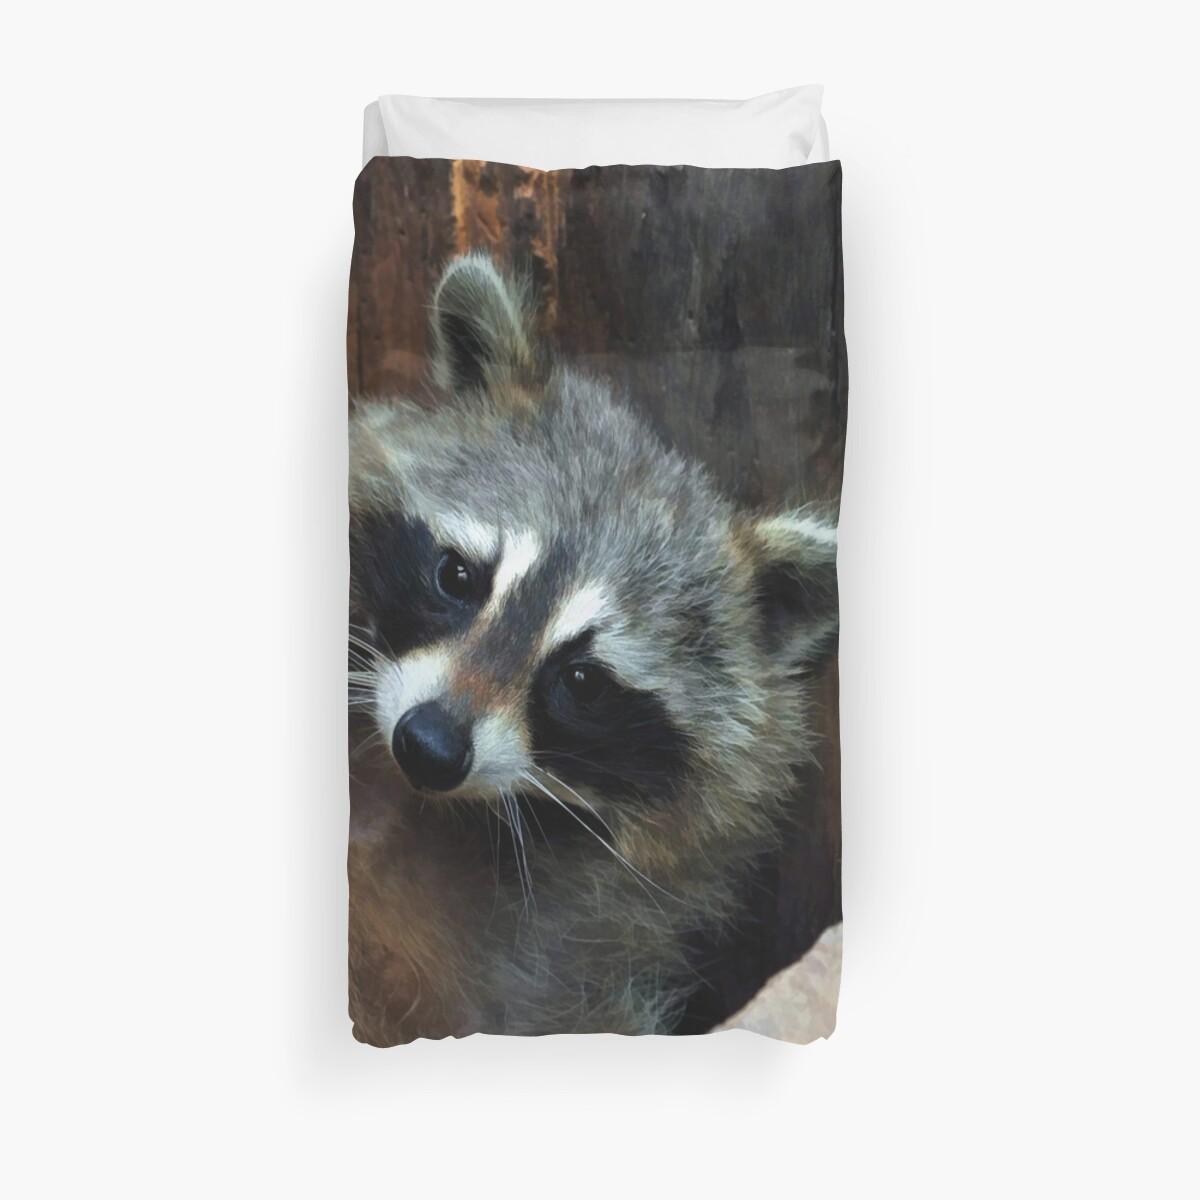 Raccoon Reclining  by Skye Ryan-Evans